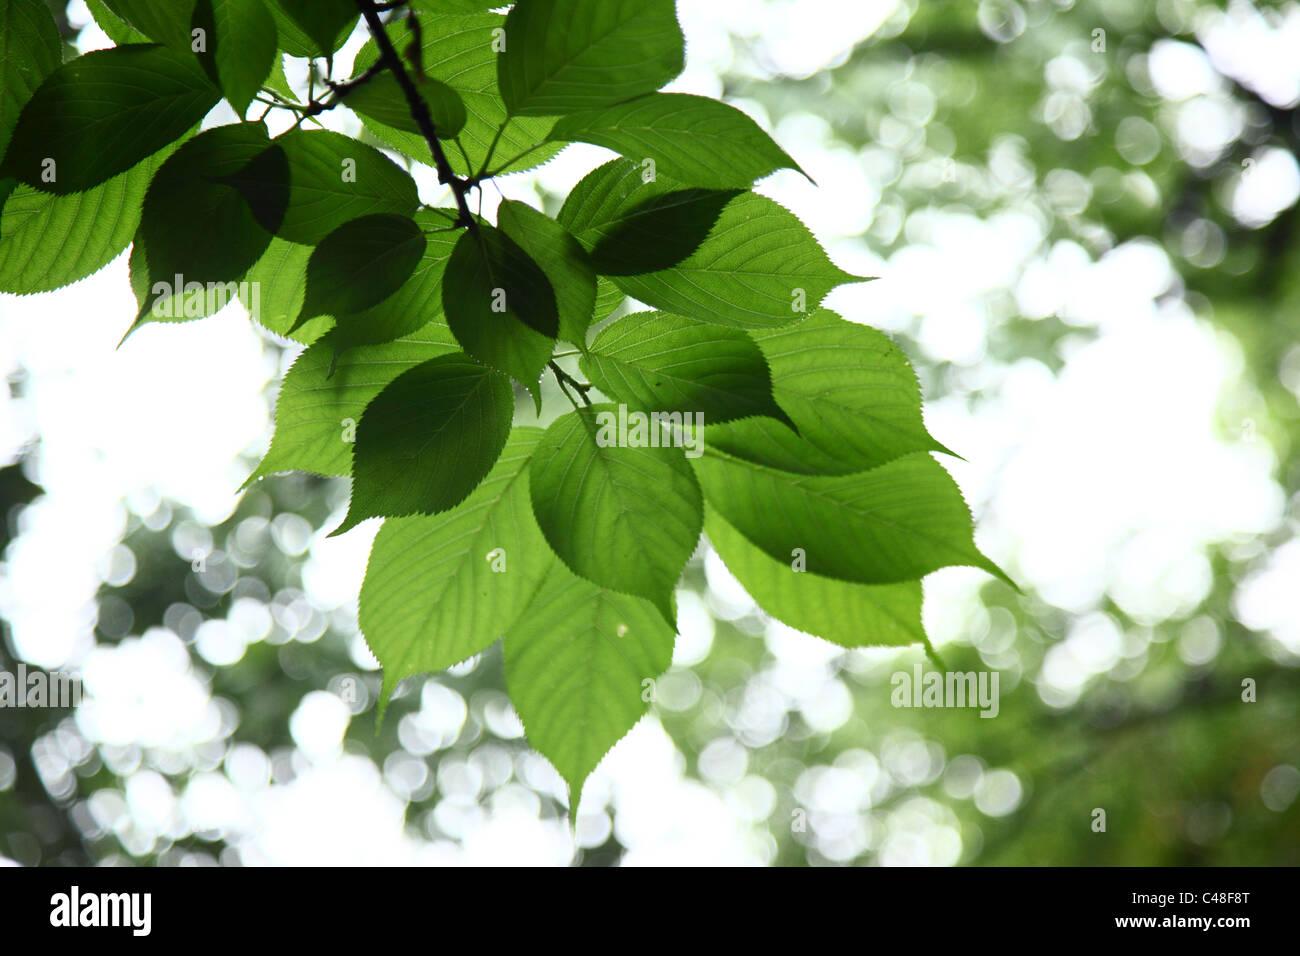 Detail der grünen Blätter am Baum Stockbild